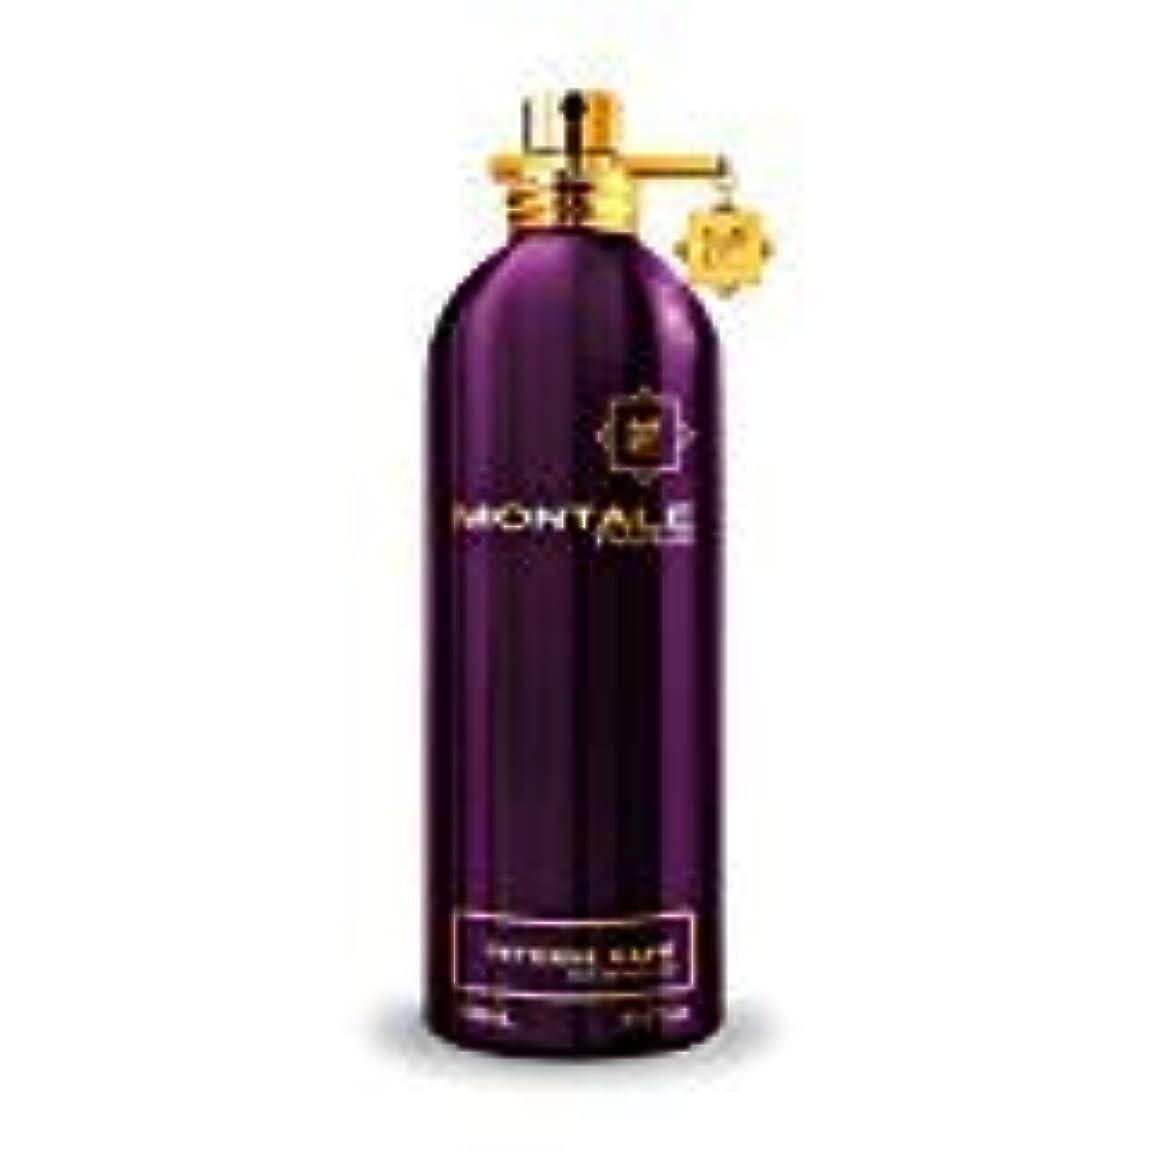 パイル肯定的結婚MONTALE INTENSE CAFE Eau de Perfume 100ml Made in France 100% 本物モンターレ強烈なカフェ香水 100 ml フランス製 +2サンプル無料! + 30 mlスキンケア無料!